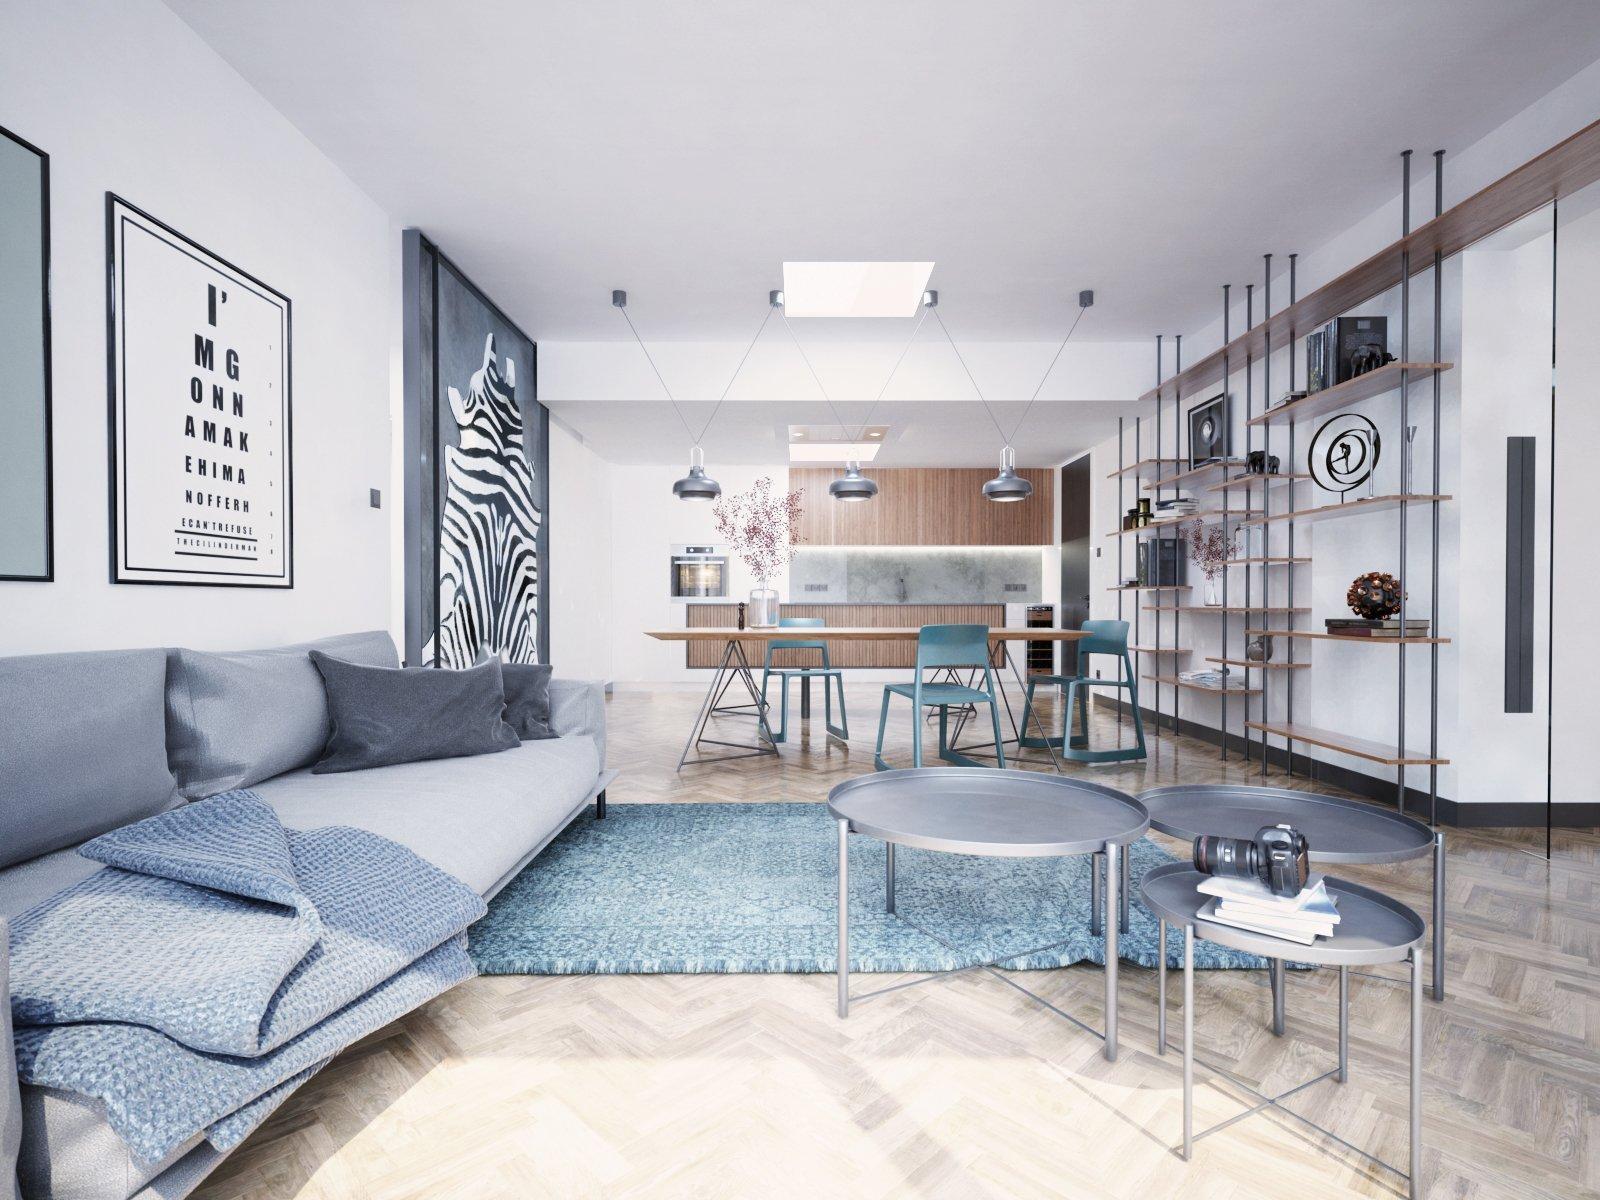 Velmi světlý byt vcentru Prahy, kterému dominují výrazné prosklené plochy a stropní světlíky, tak by se dal charakterizovat výchozí stav bytu, do kterého…